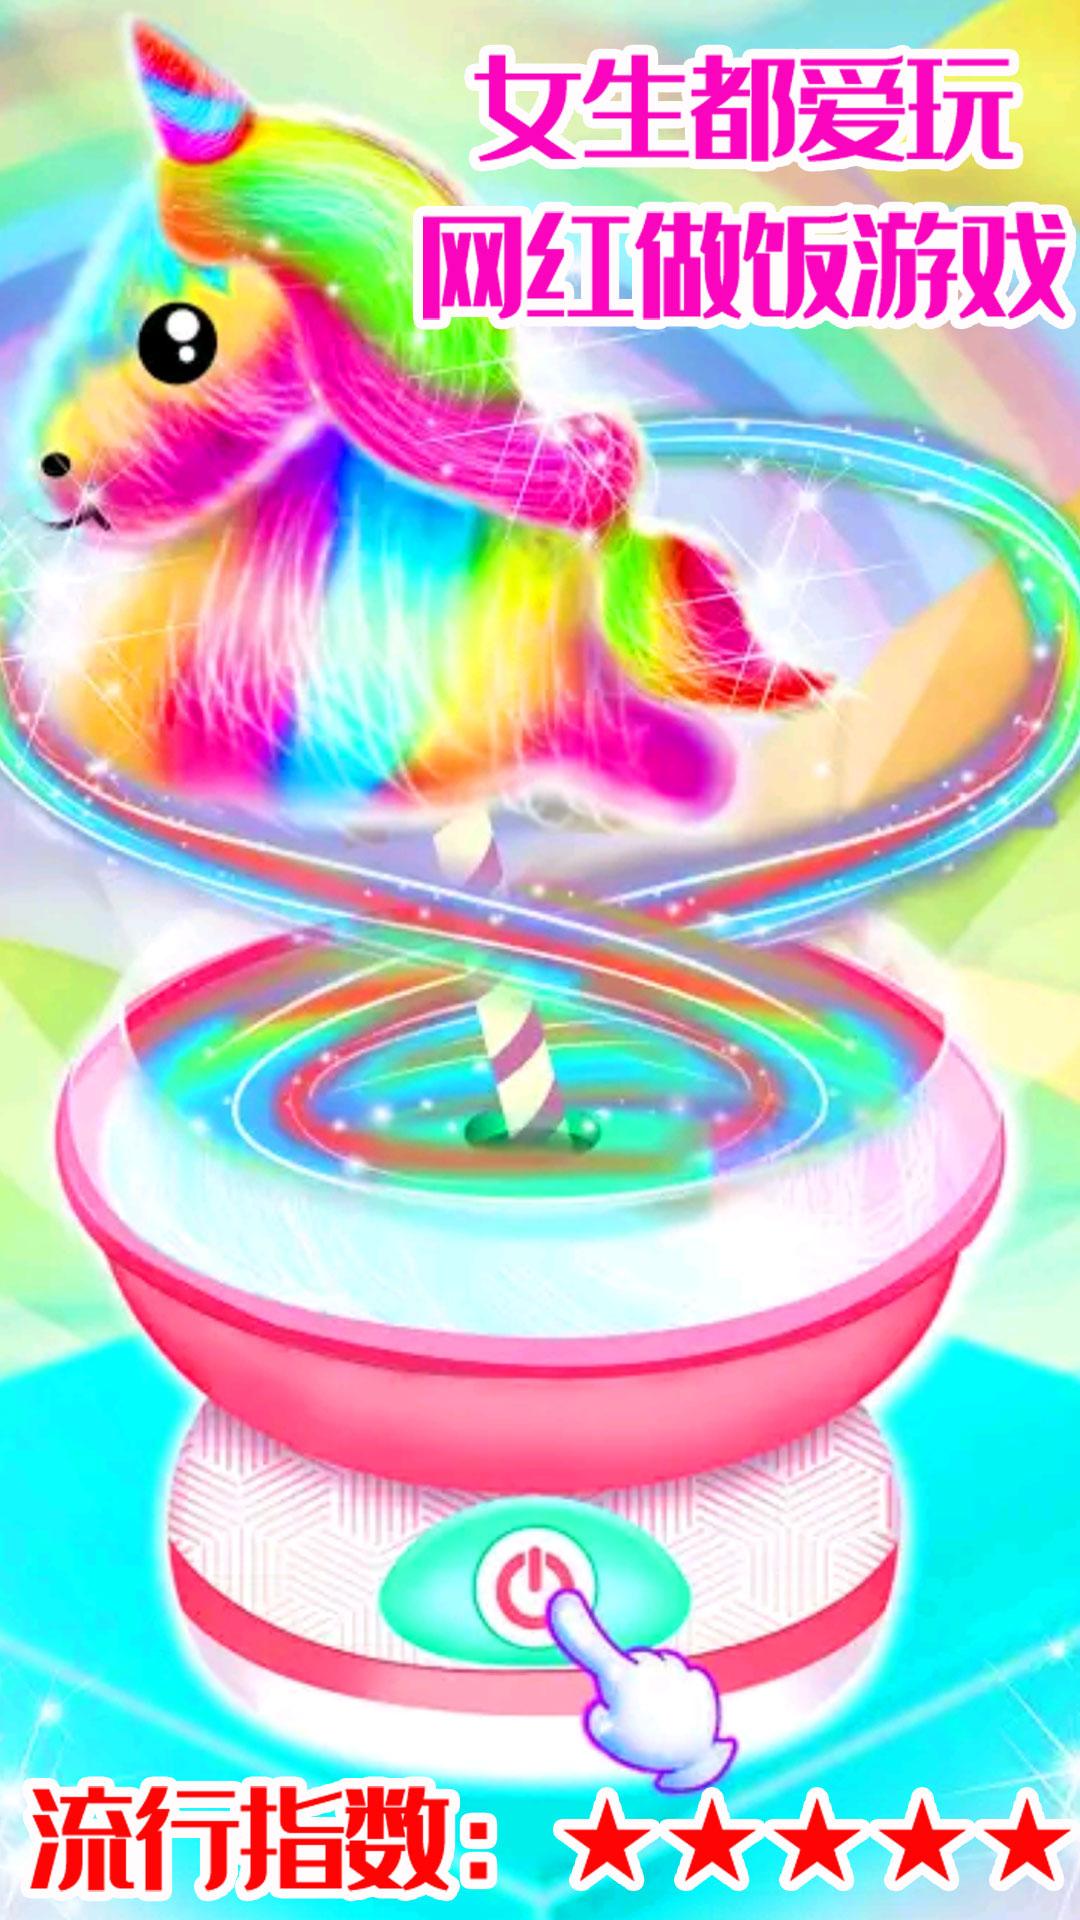 糖果开心爱消消(做饭游戏模拟) APP截图